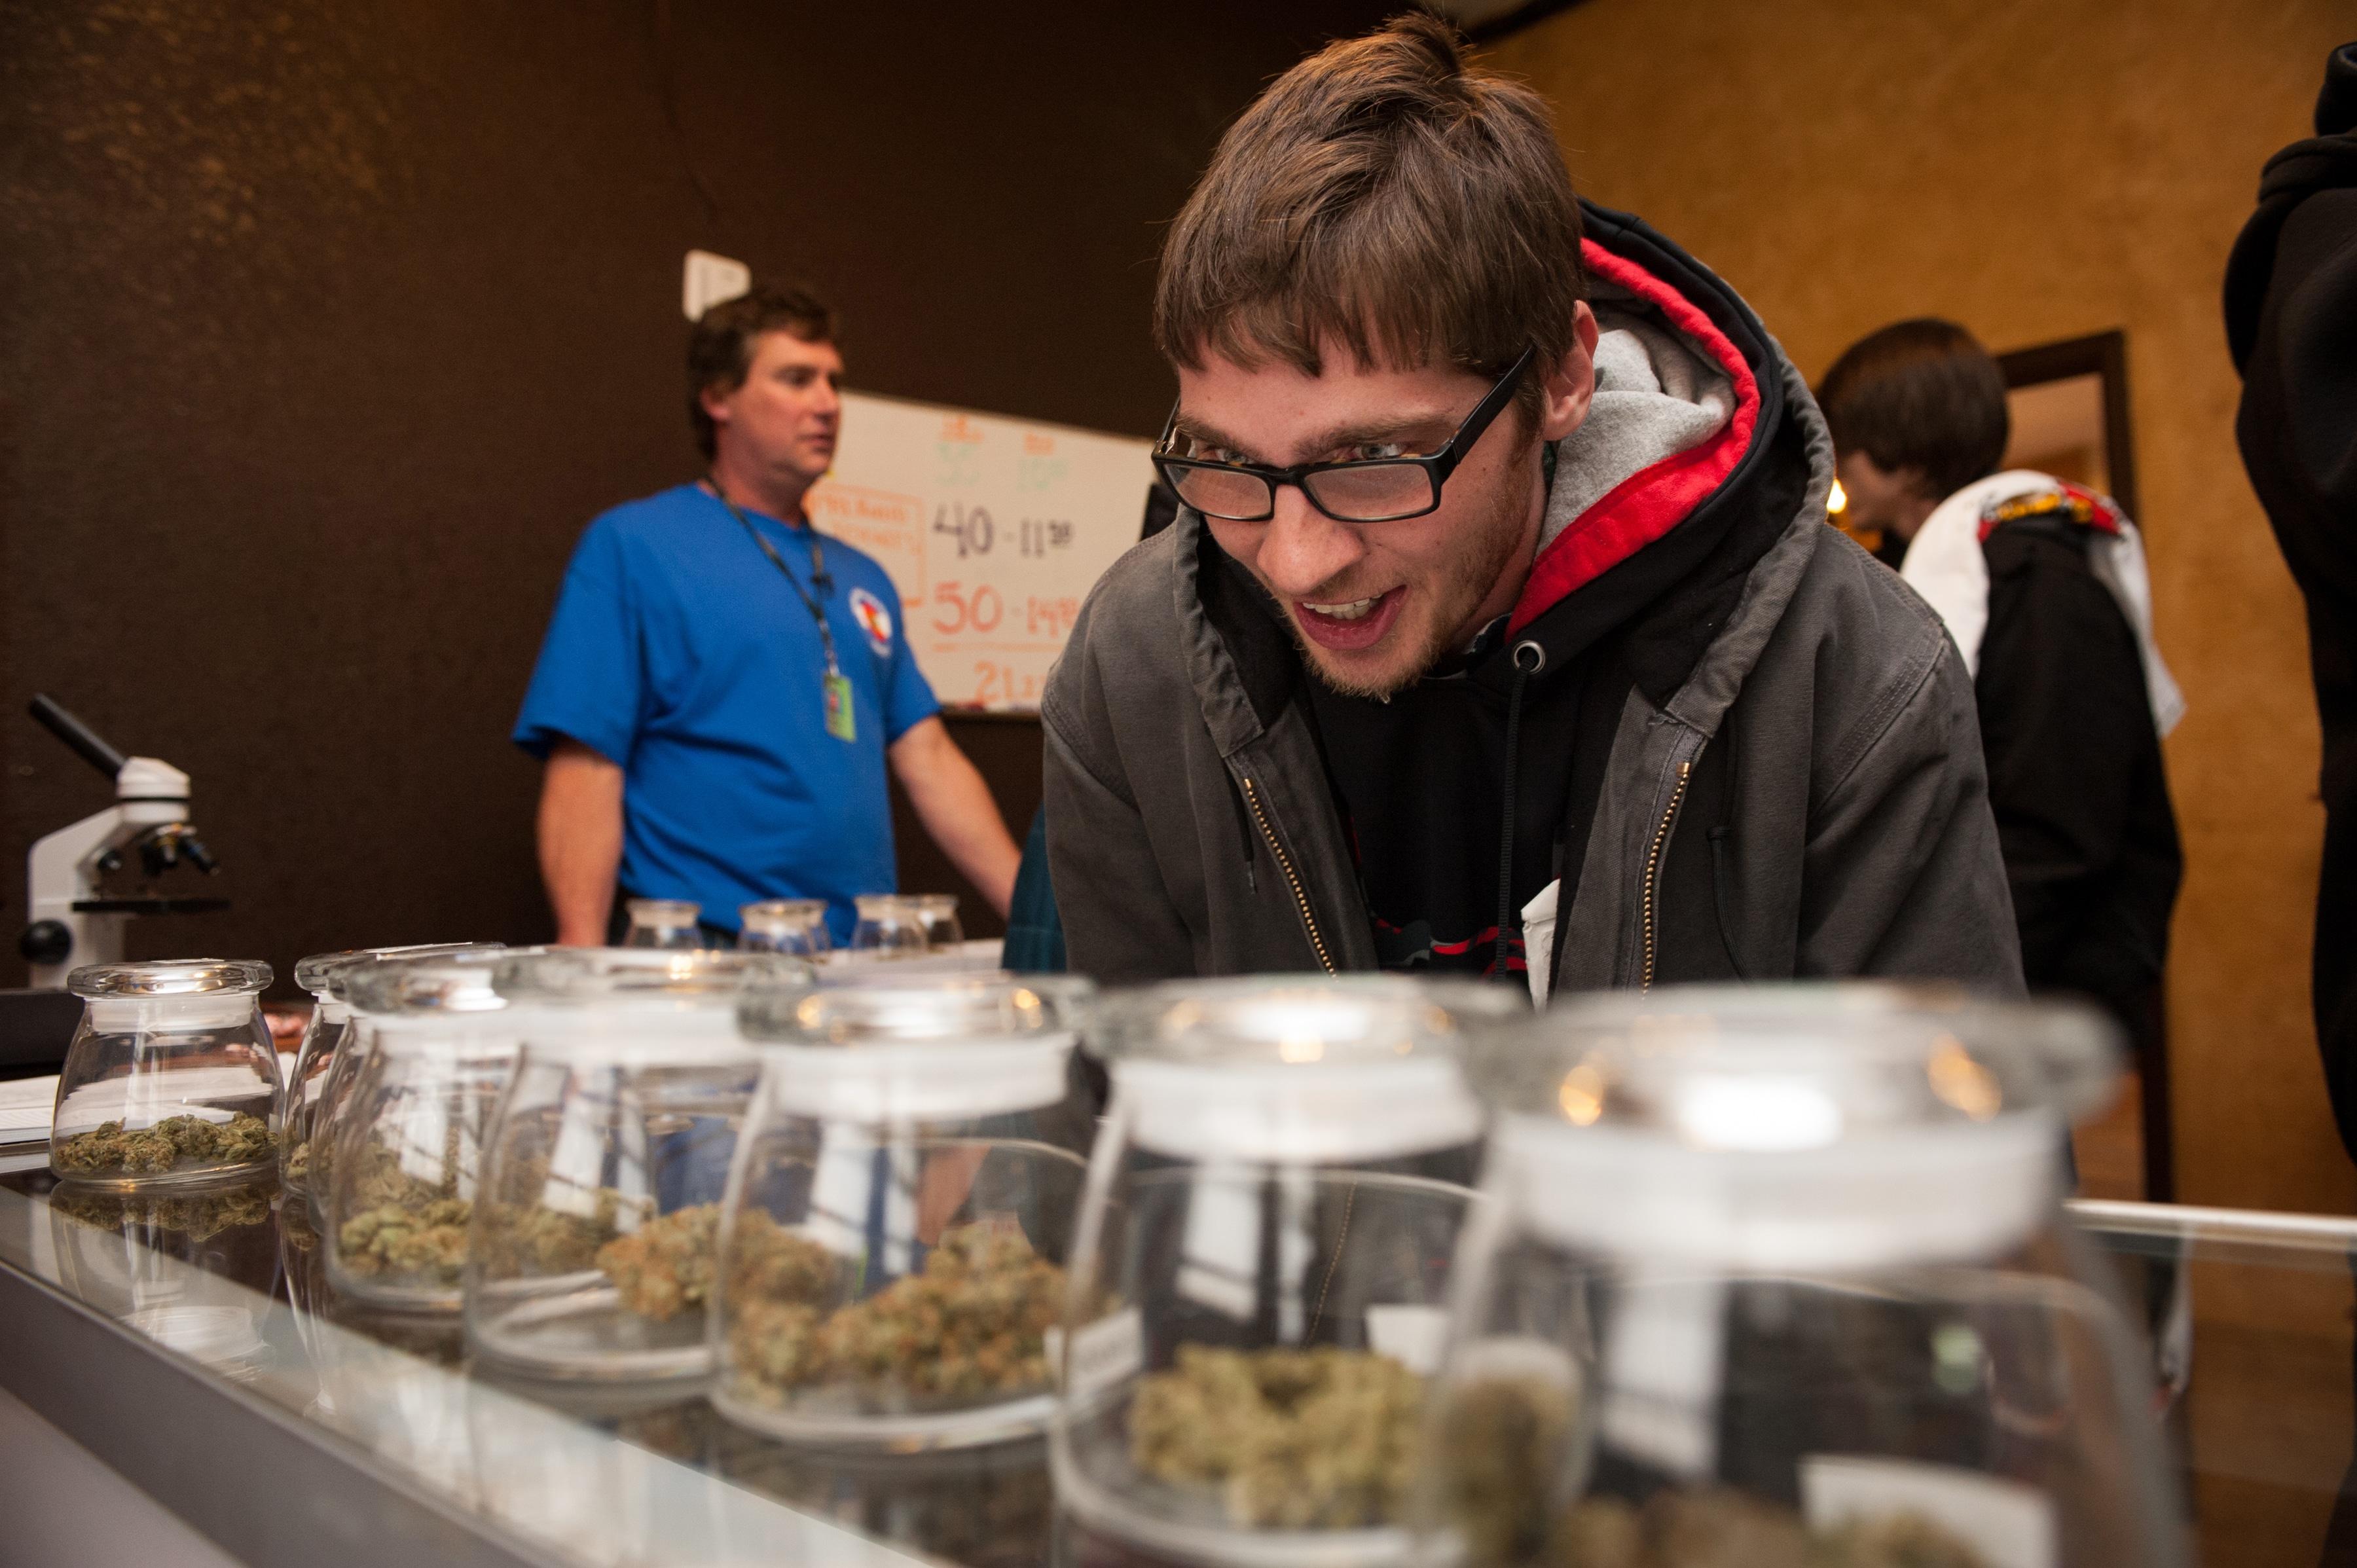 Nación Cannabis | Mercado de marihuana en Colorado llega a su madurez